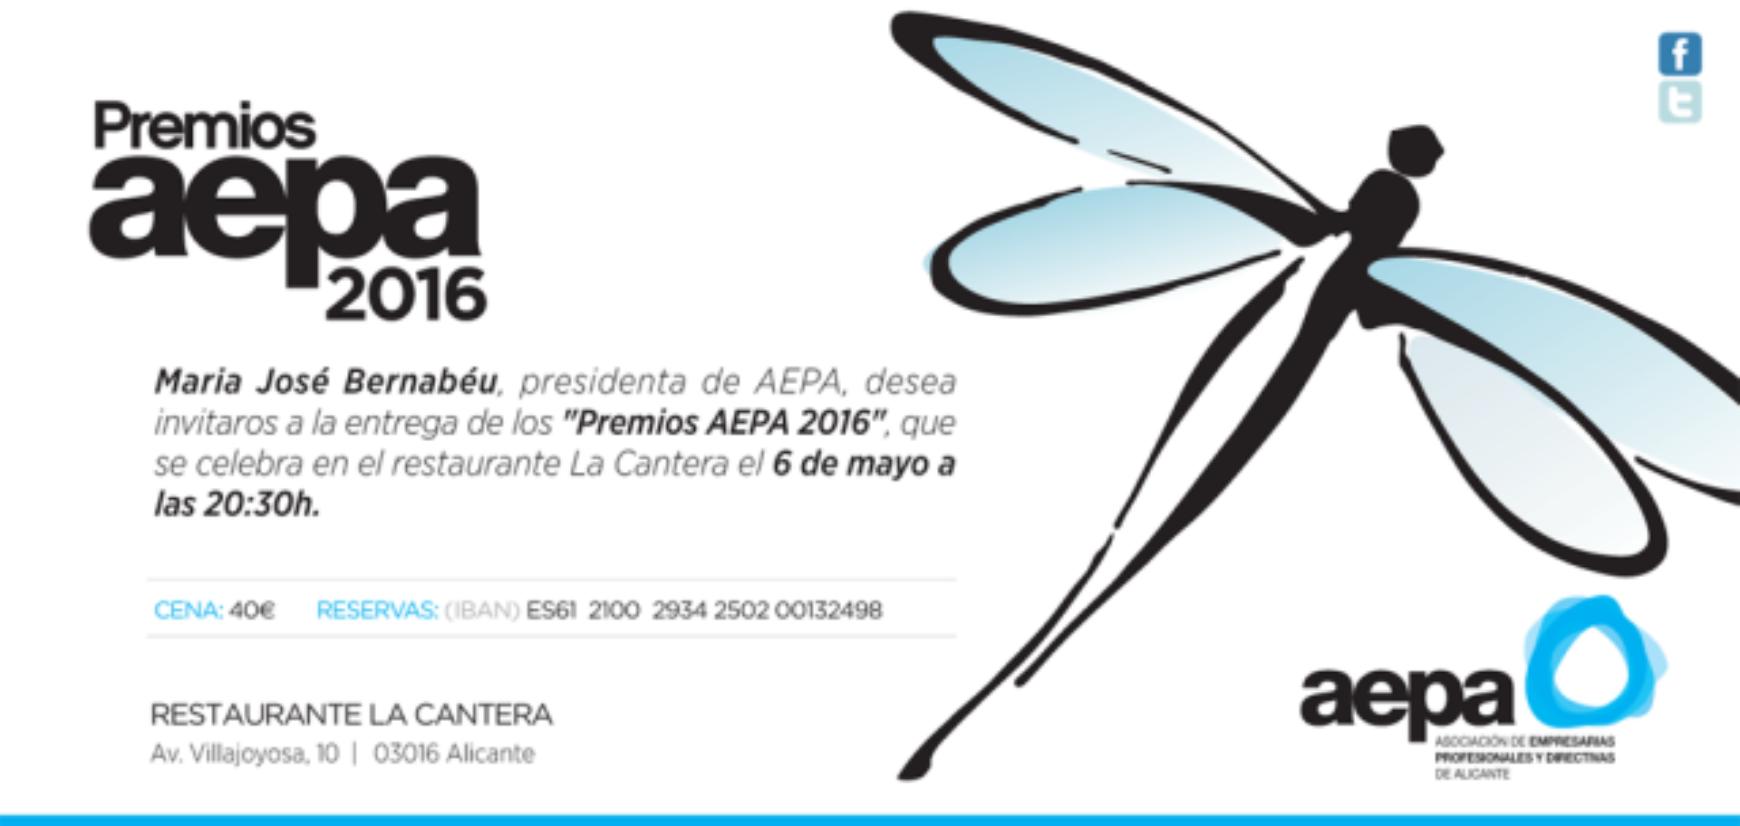 Premios AEPA 2016 – Cambio de hora